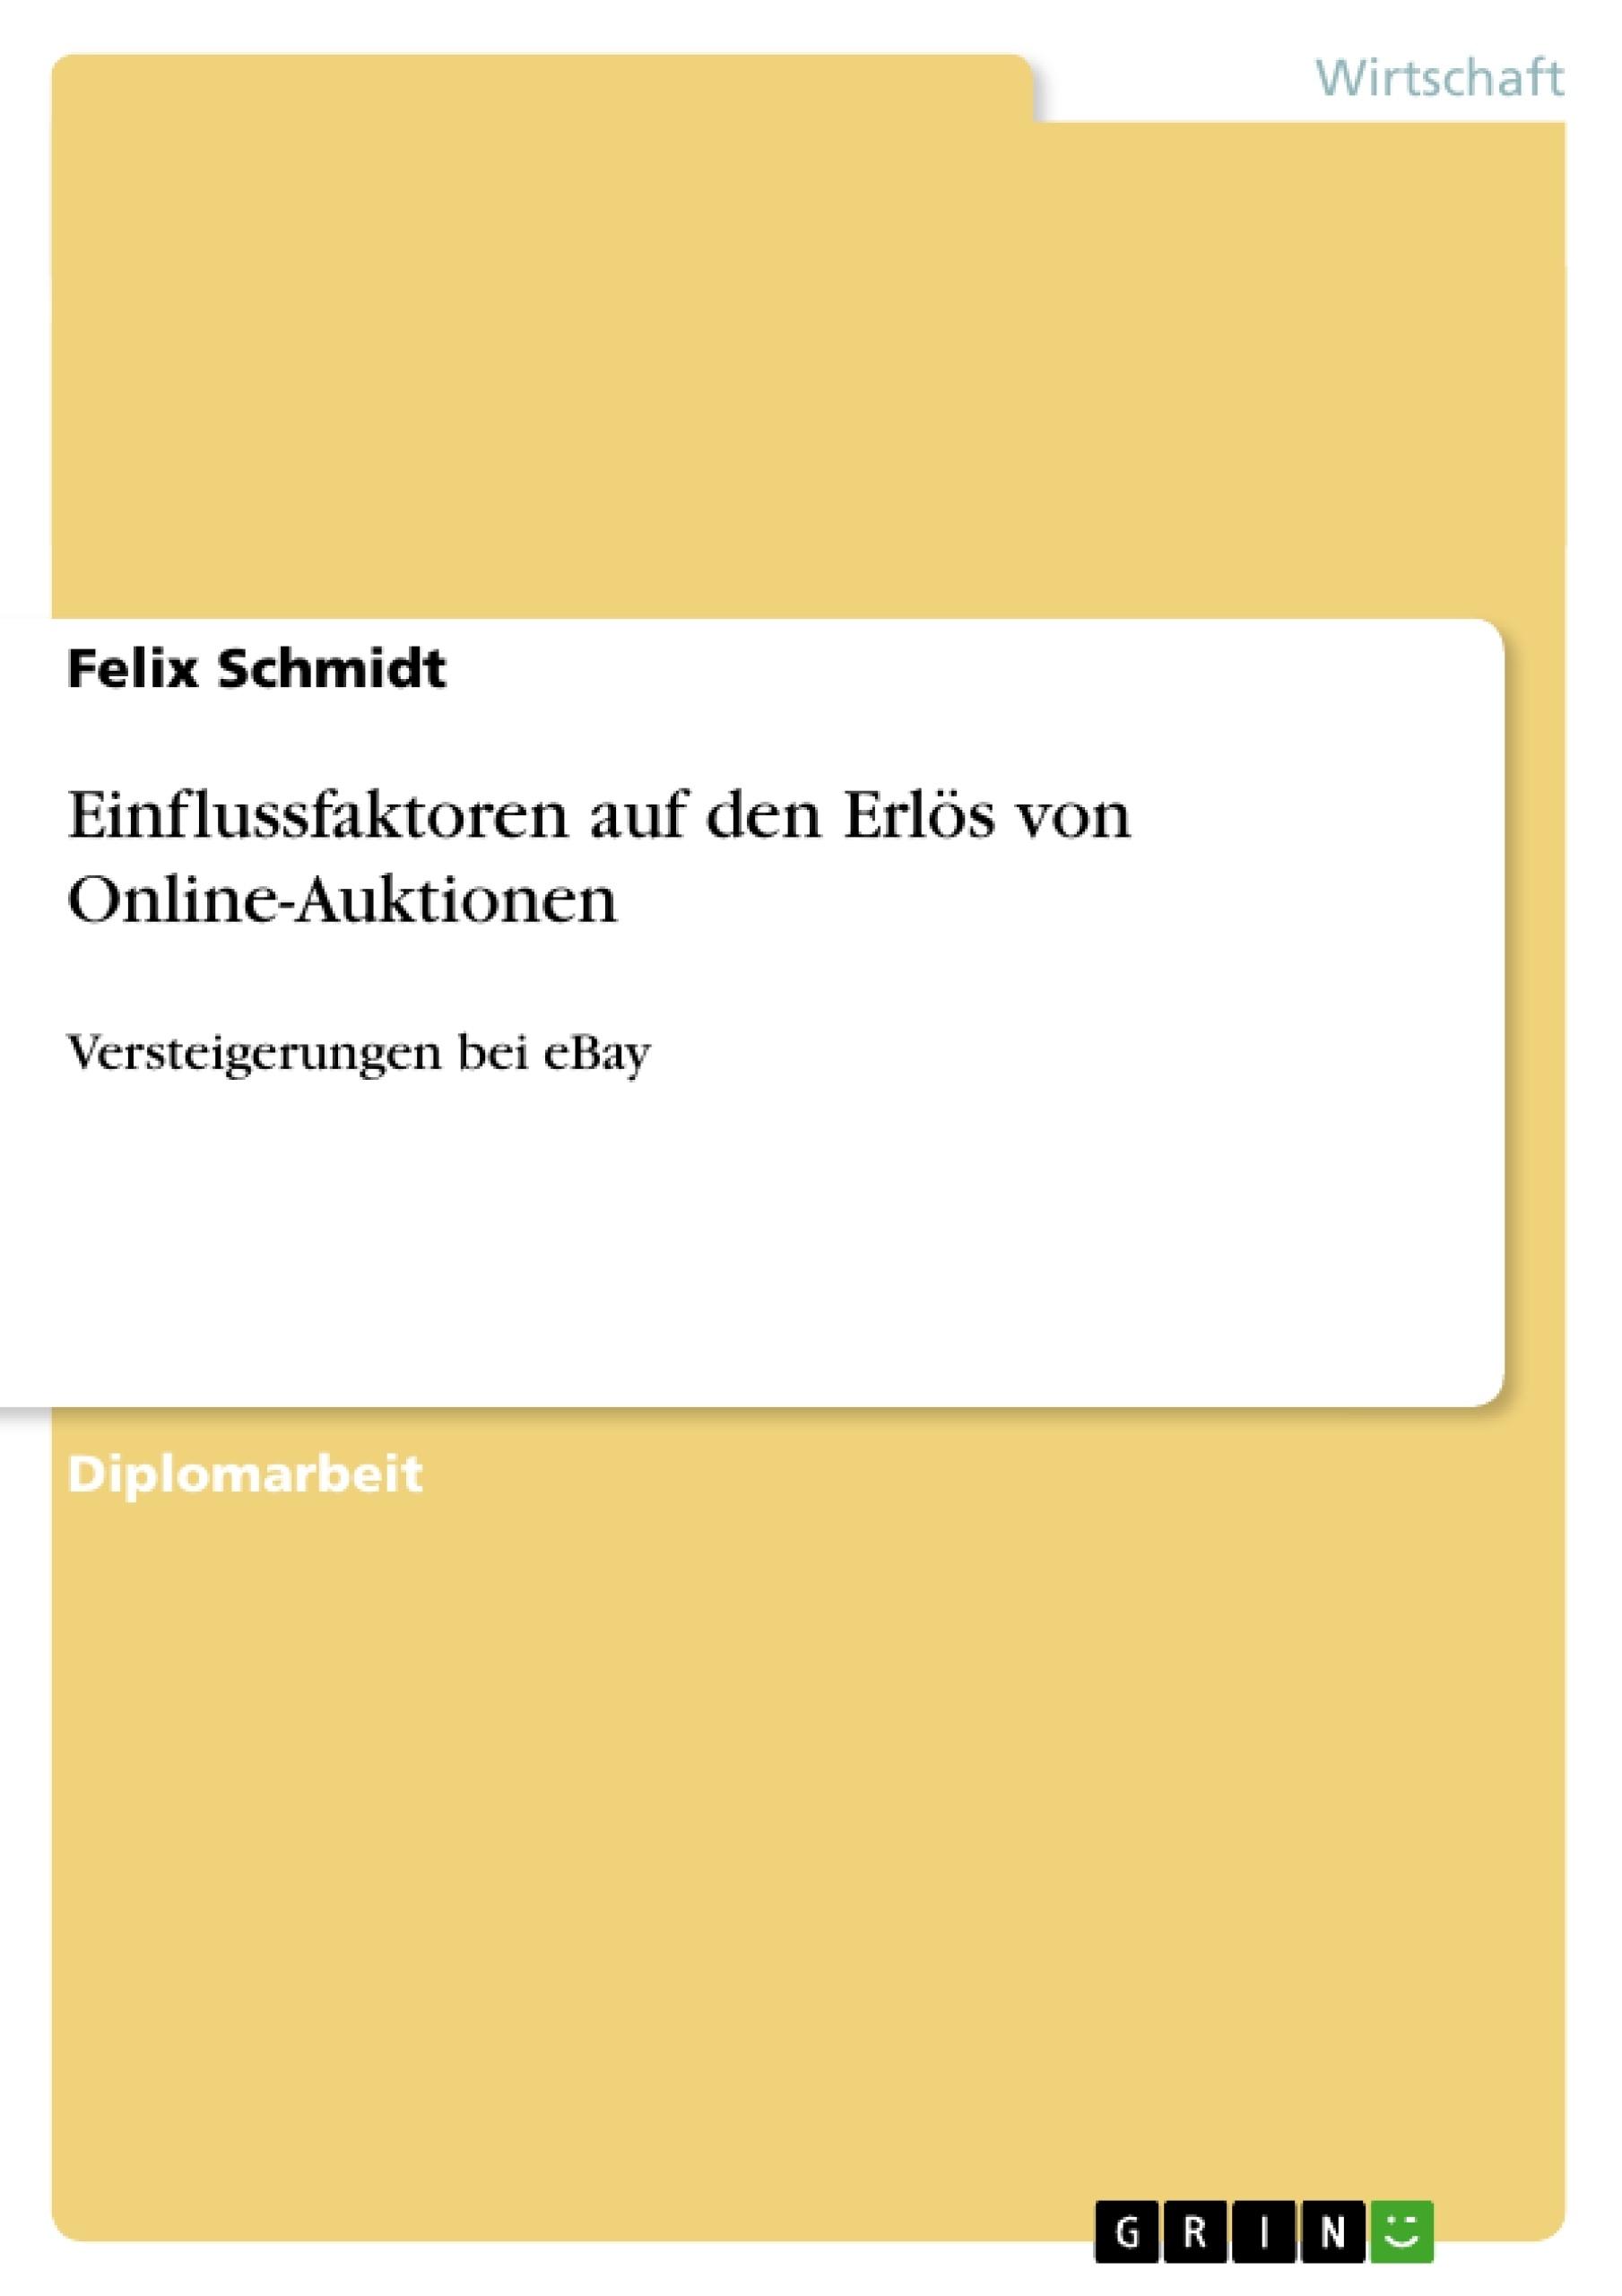 Titel: Einflussfaktoren auf den Erlös von Online-Auktionen